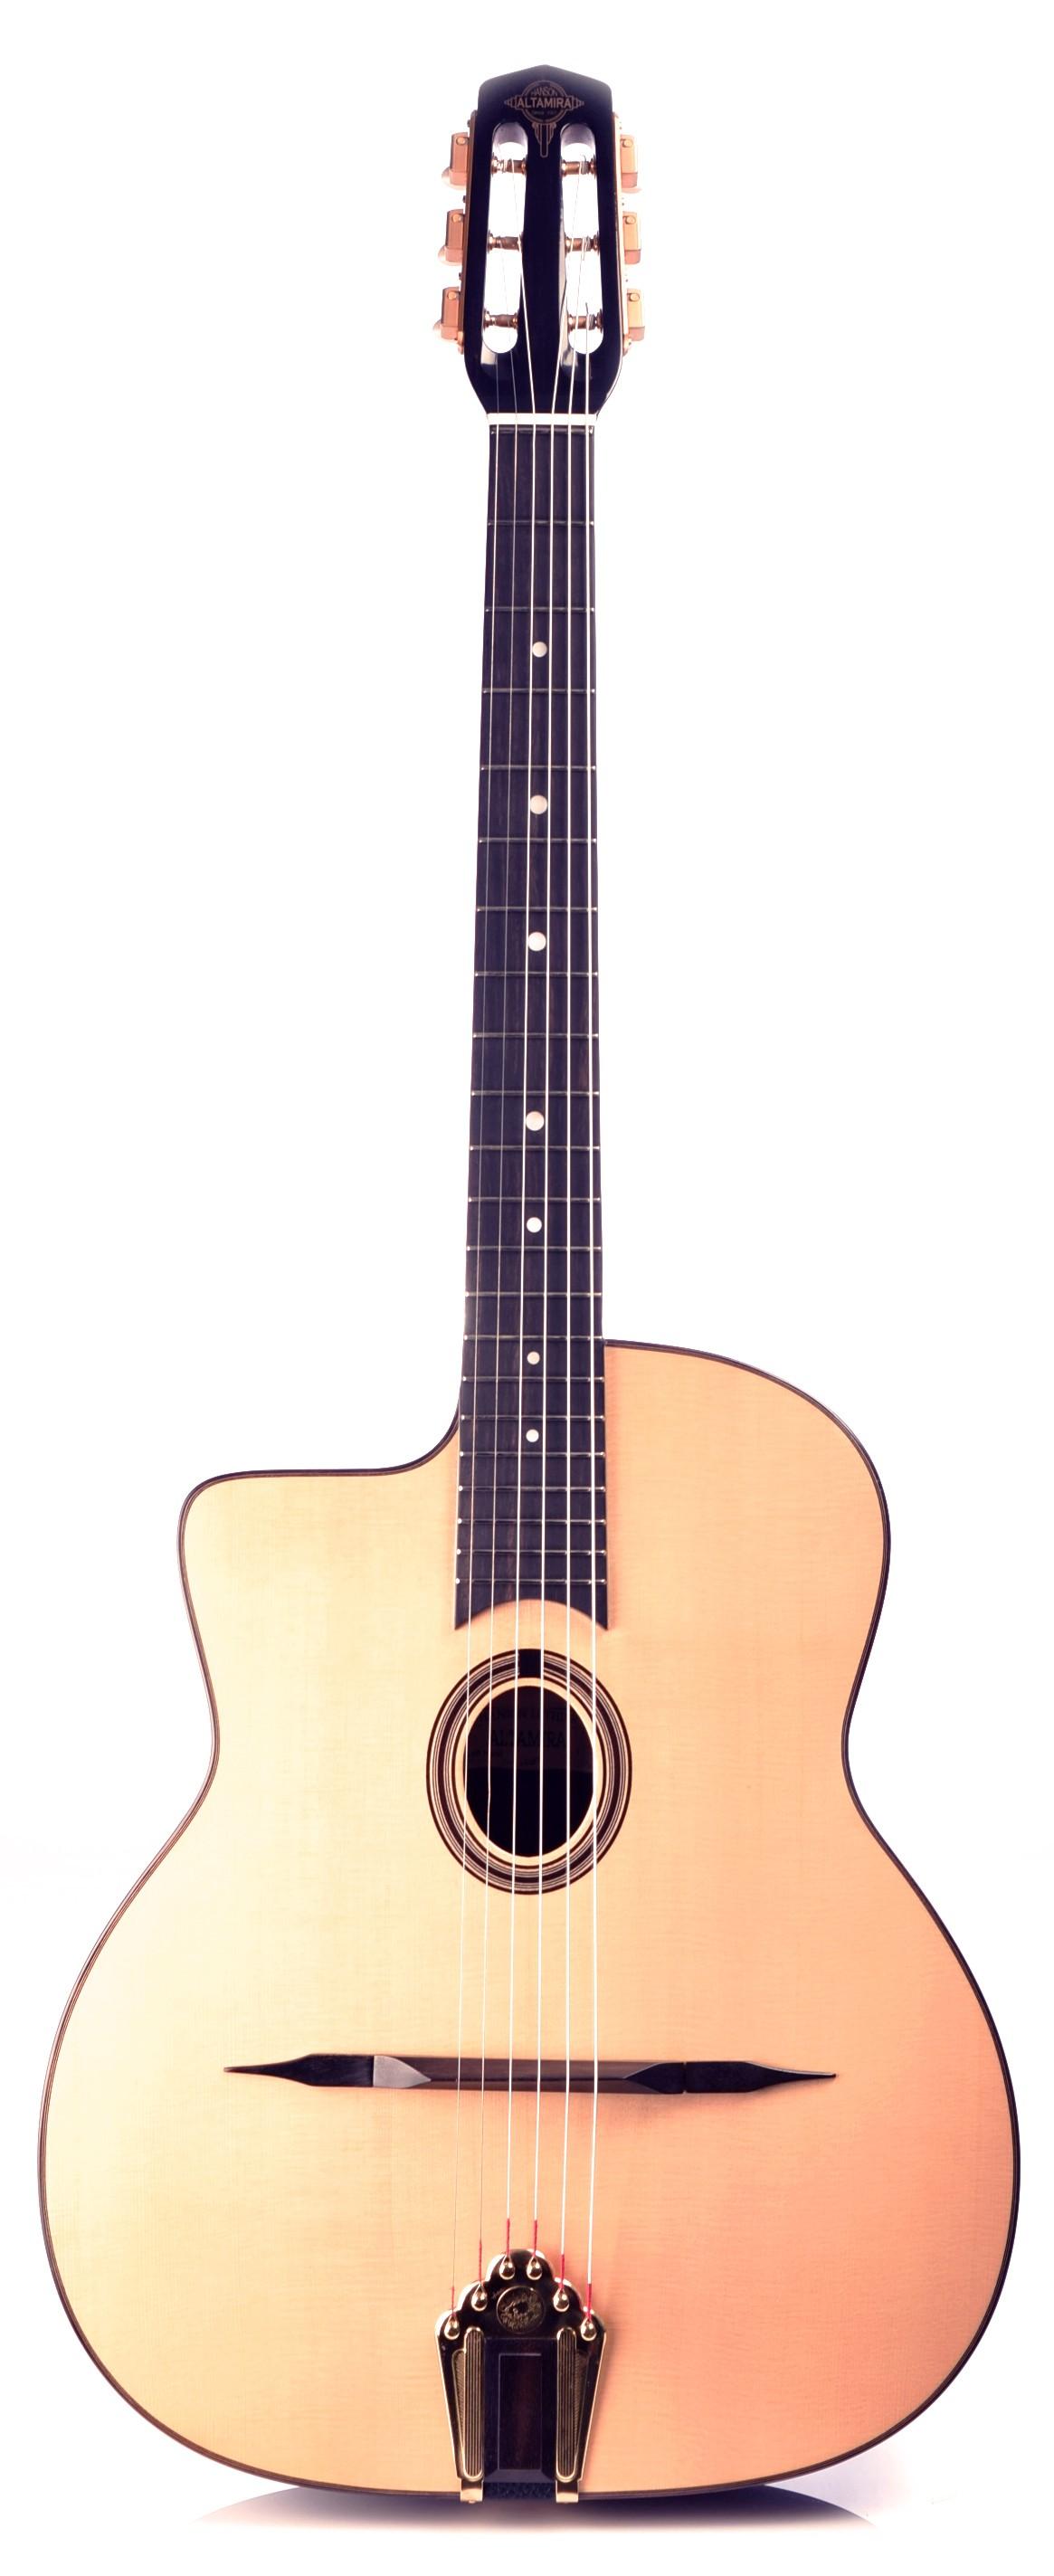 Guitares & Co - GUITARES MANOUCHES - 6 CORDES - ALTAMIRA - AT042L - Royez Musik